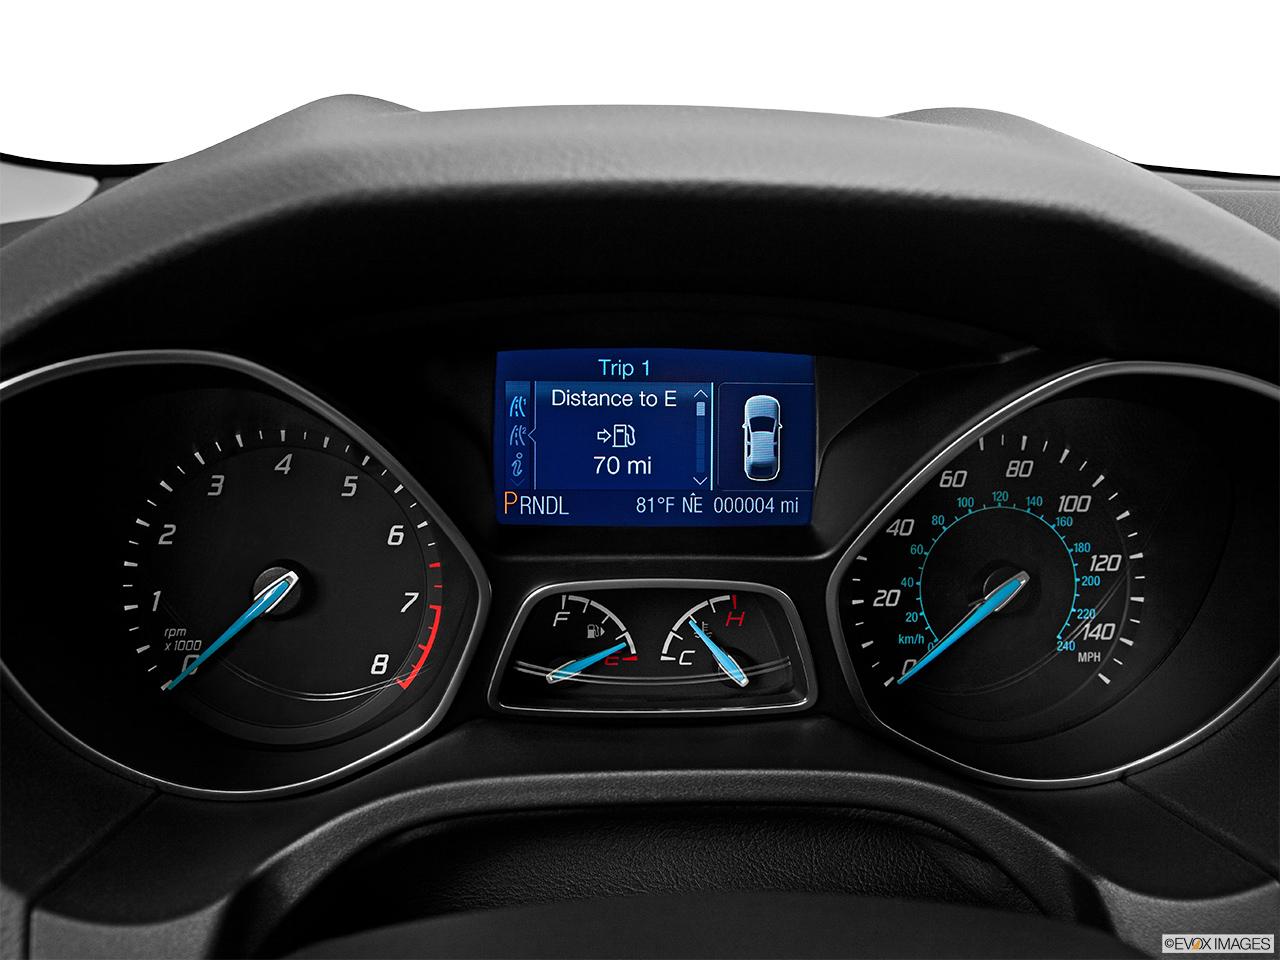 2015 Ford Focus 5dr Hatchback SE - Speedometer/tachometer